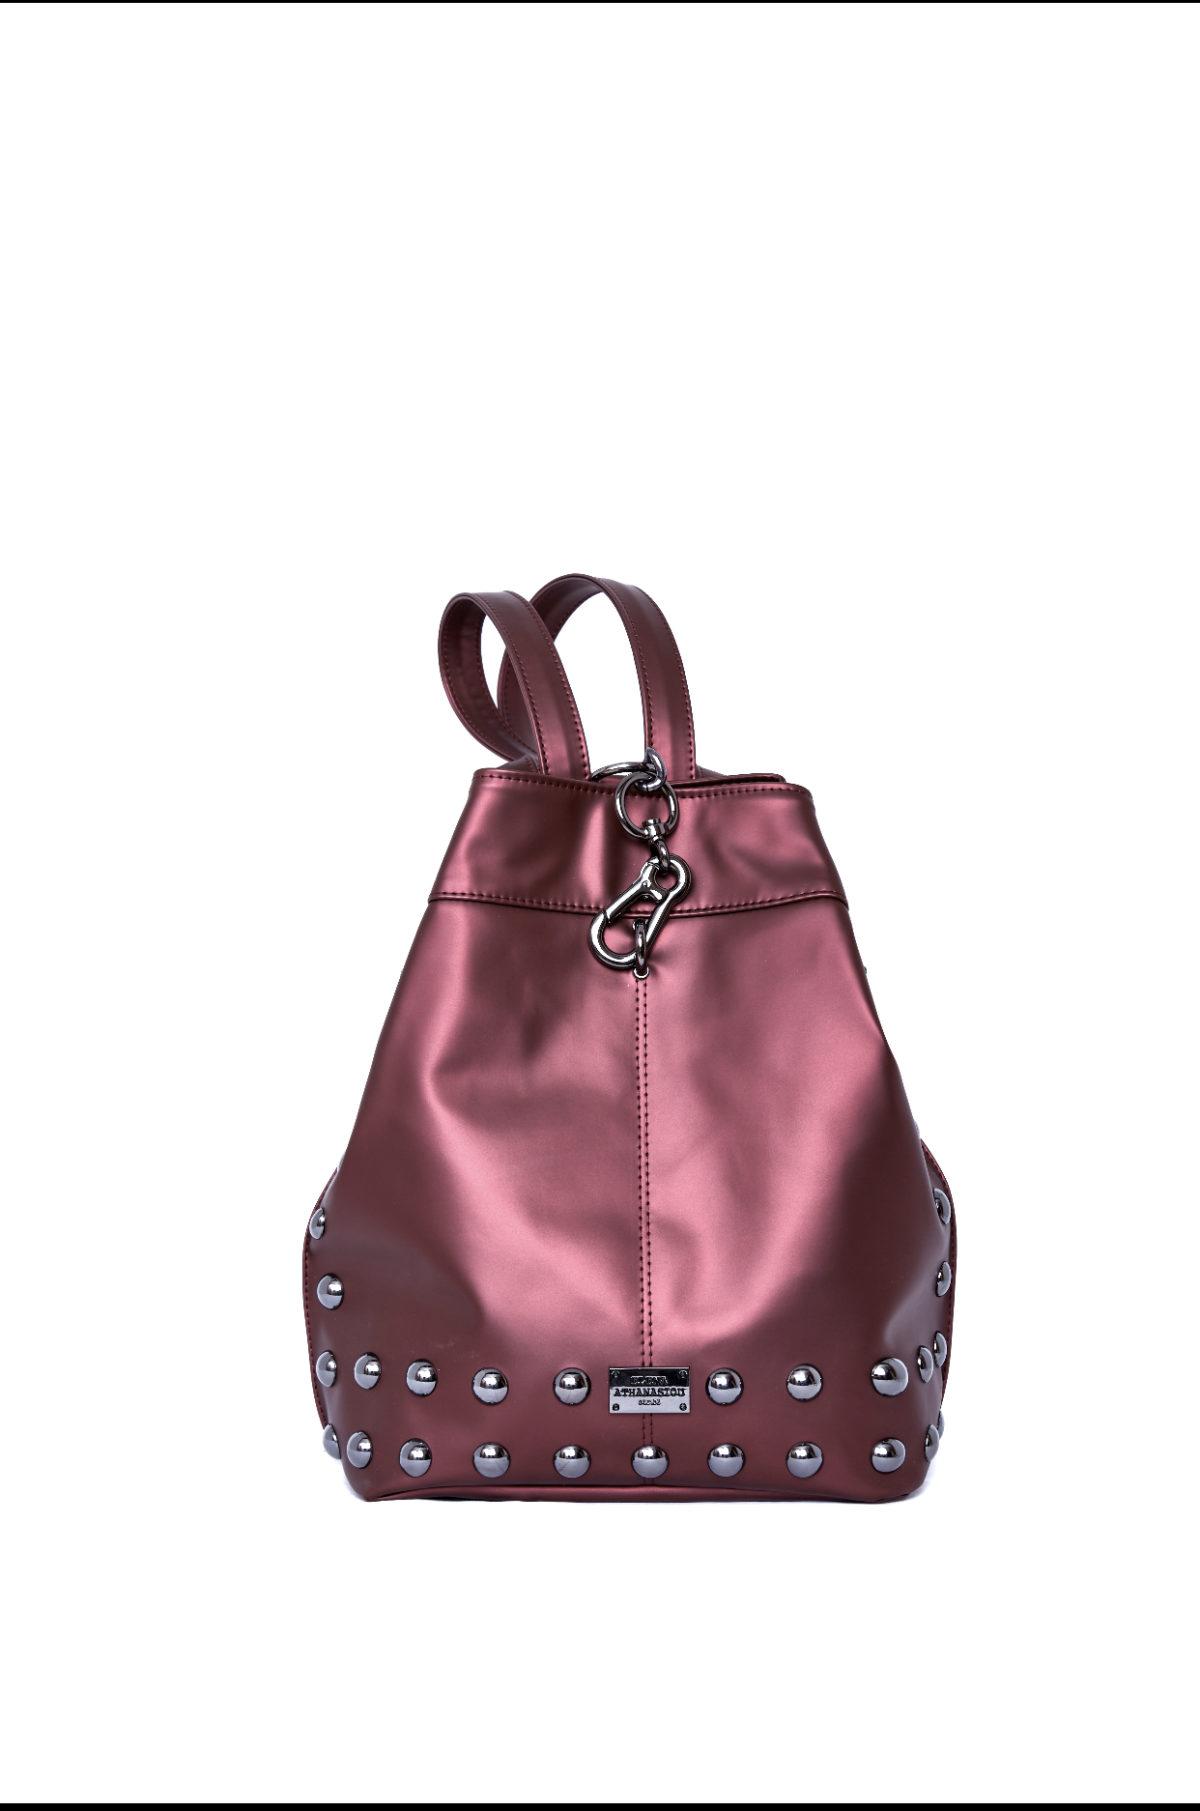 elena athanasiou bags backpack burgundy